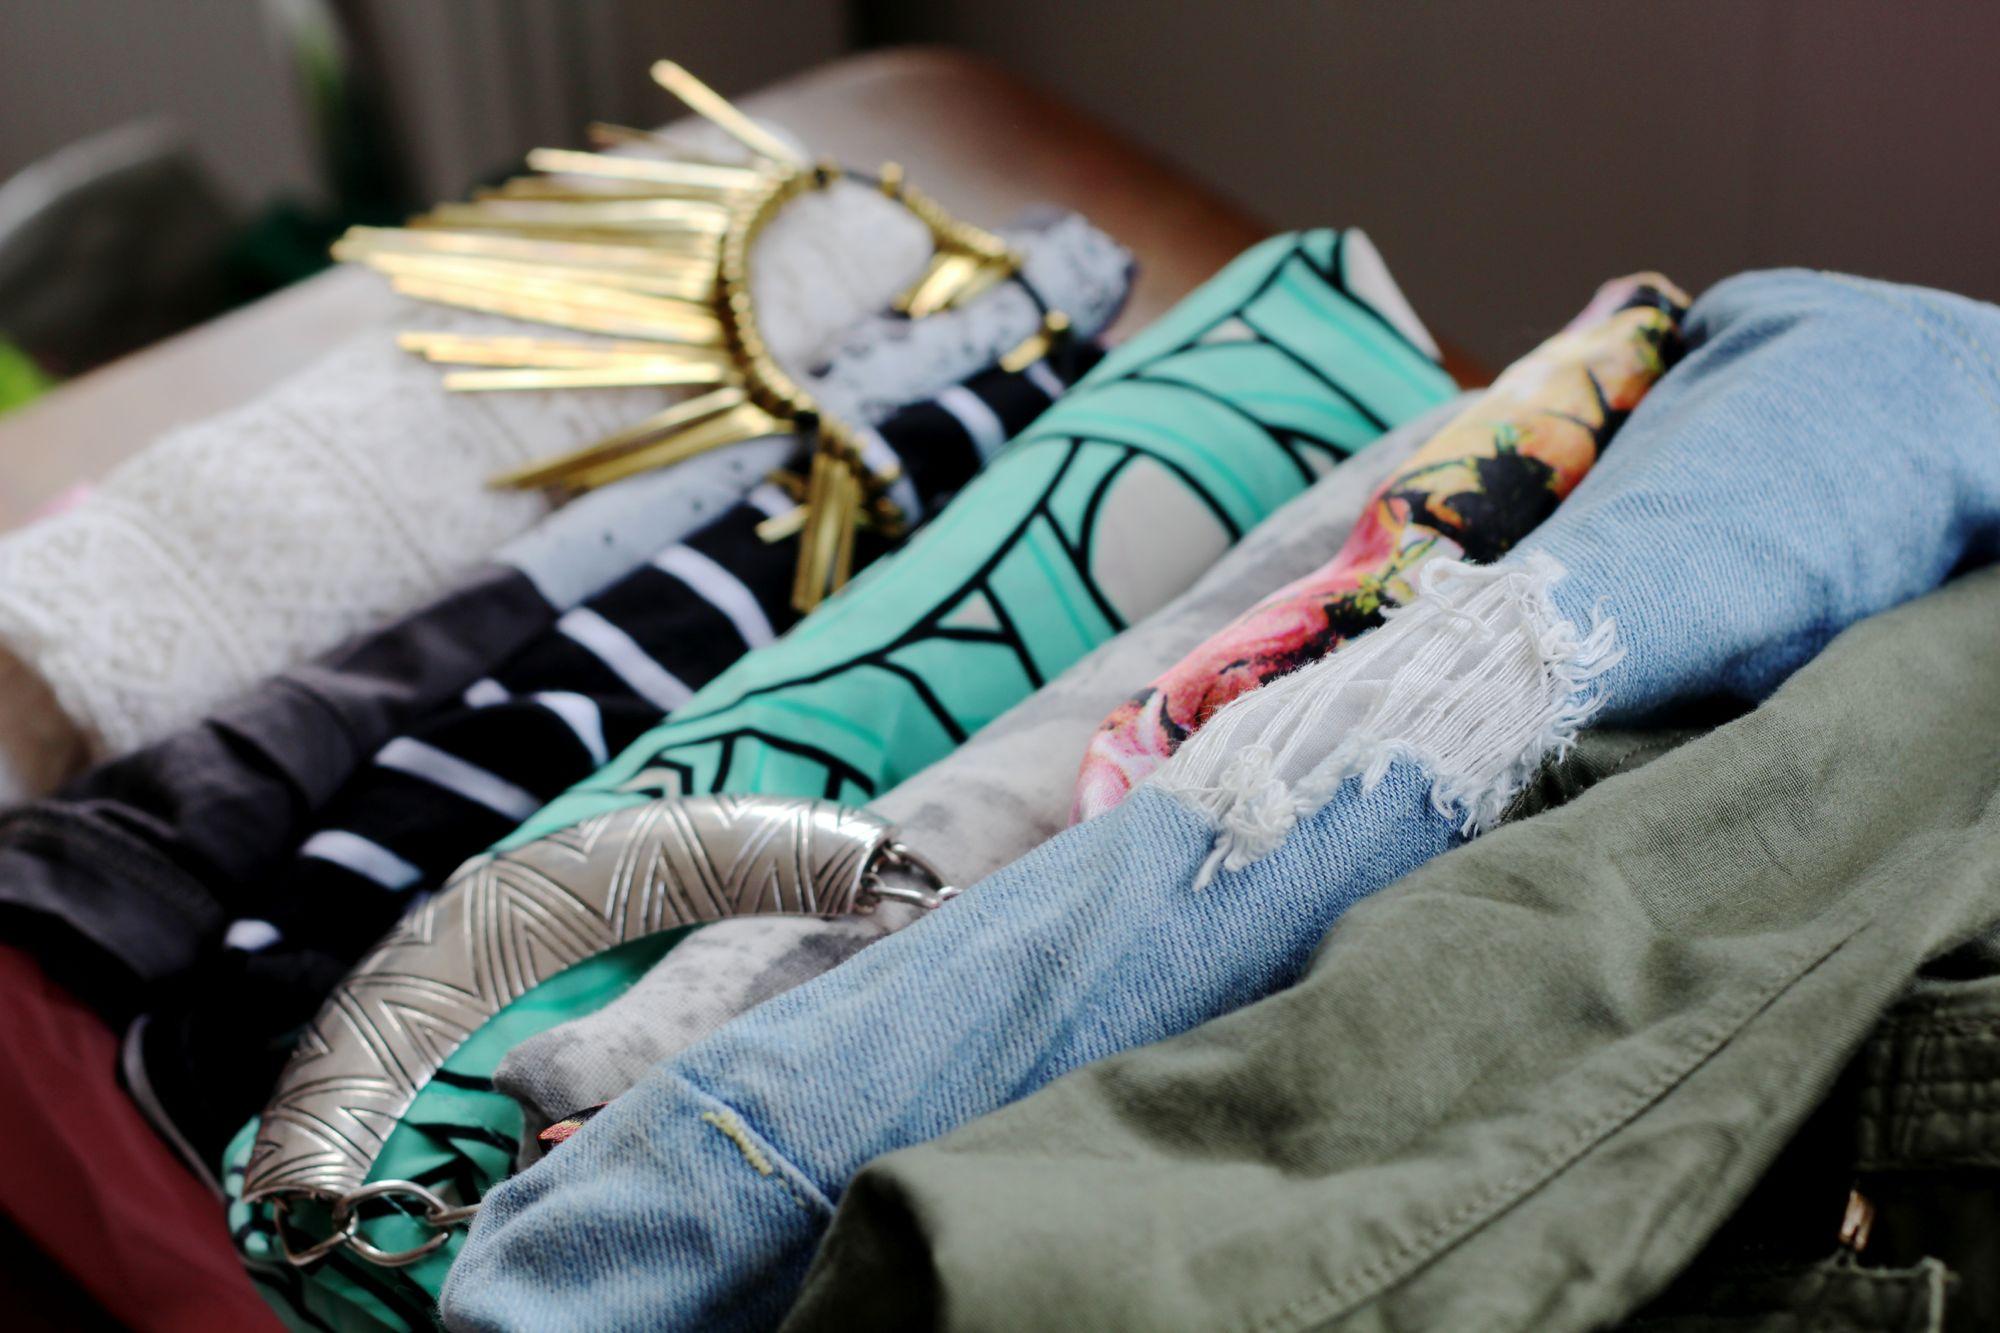 Nieuwe Garderobe Samenstellen.Hoe Stel Je Een Basisgarderobe Samen De Groene Meisjes